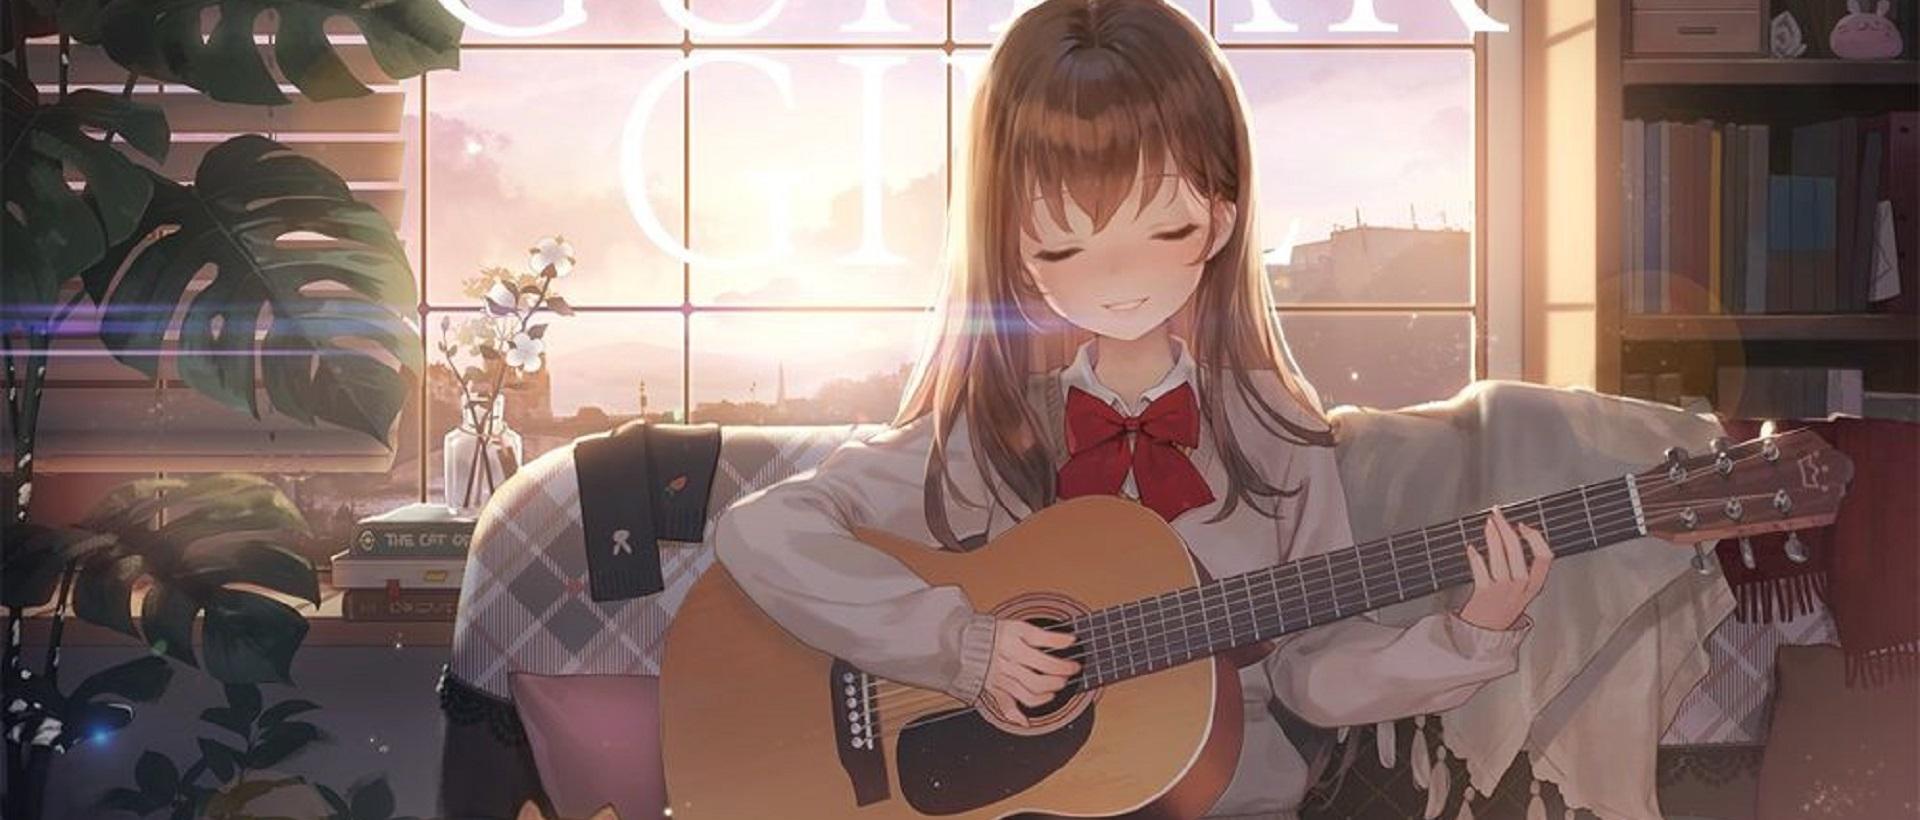 สาวนักกีตาร์ : เกมดนตรีแสนผ่อนคลาย